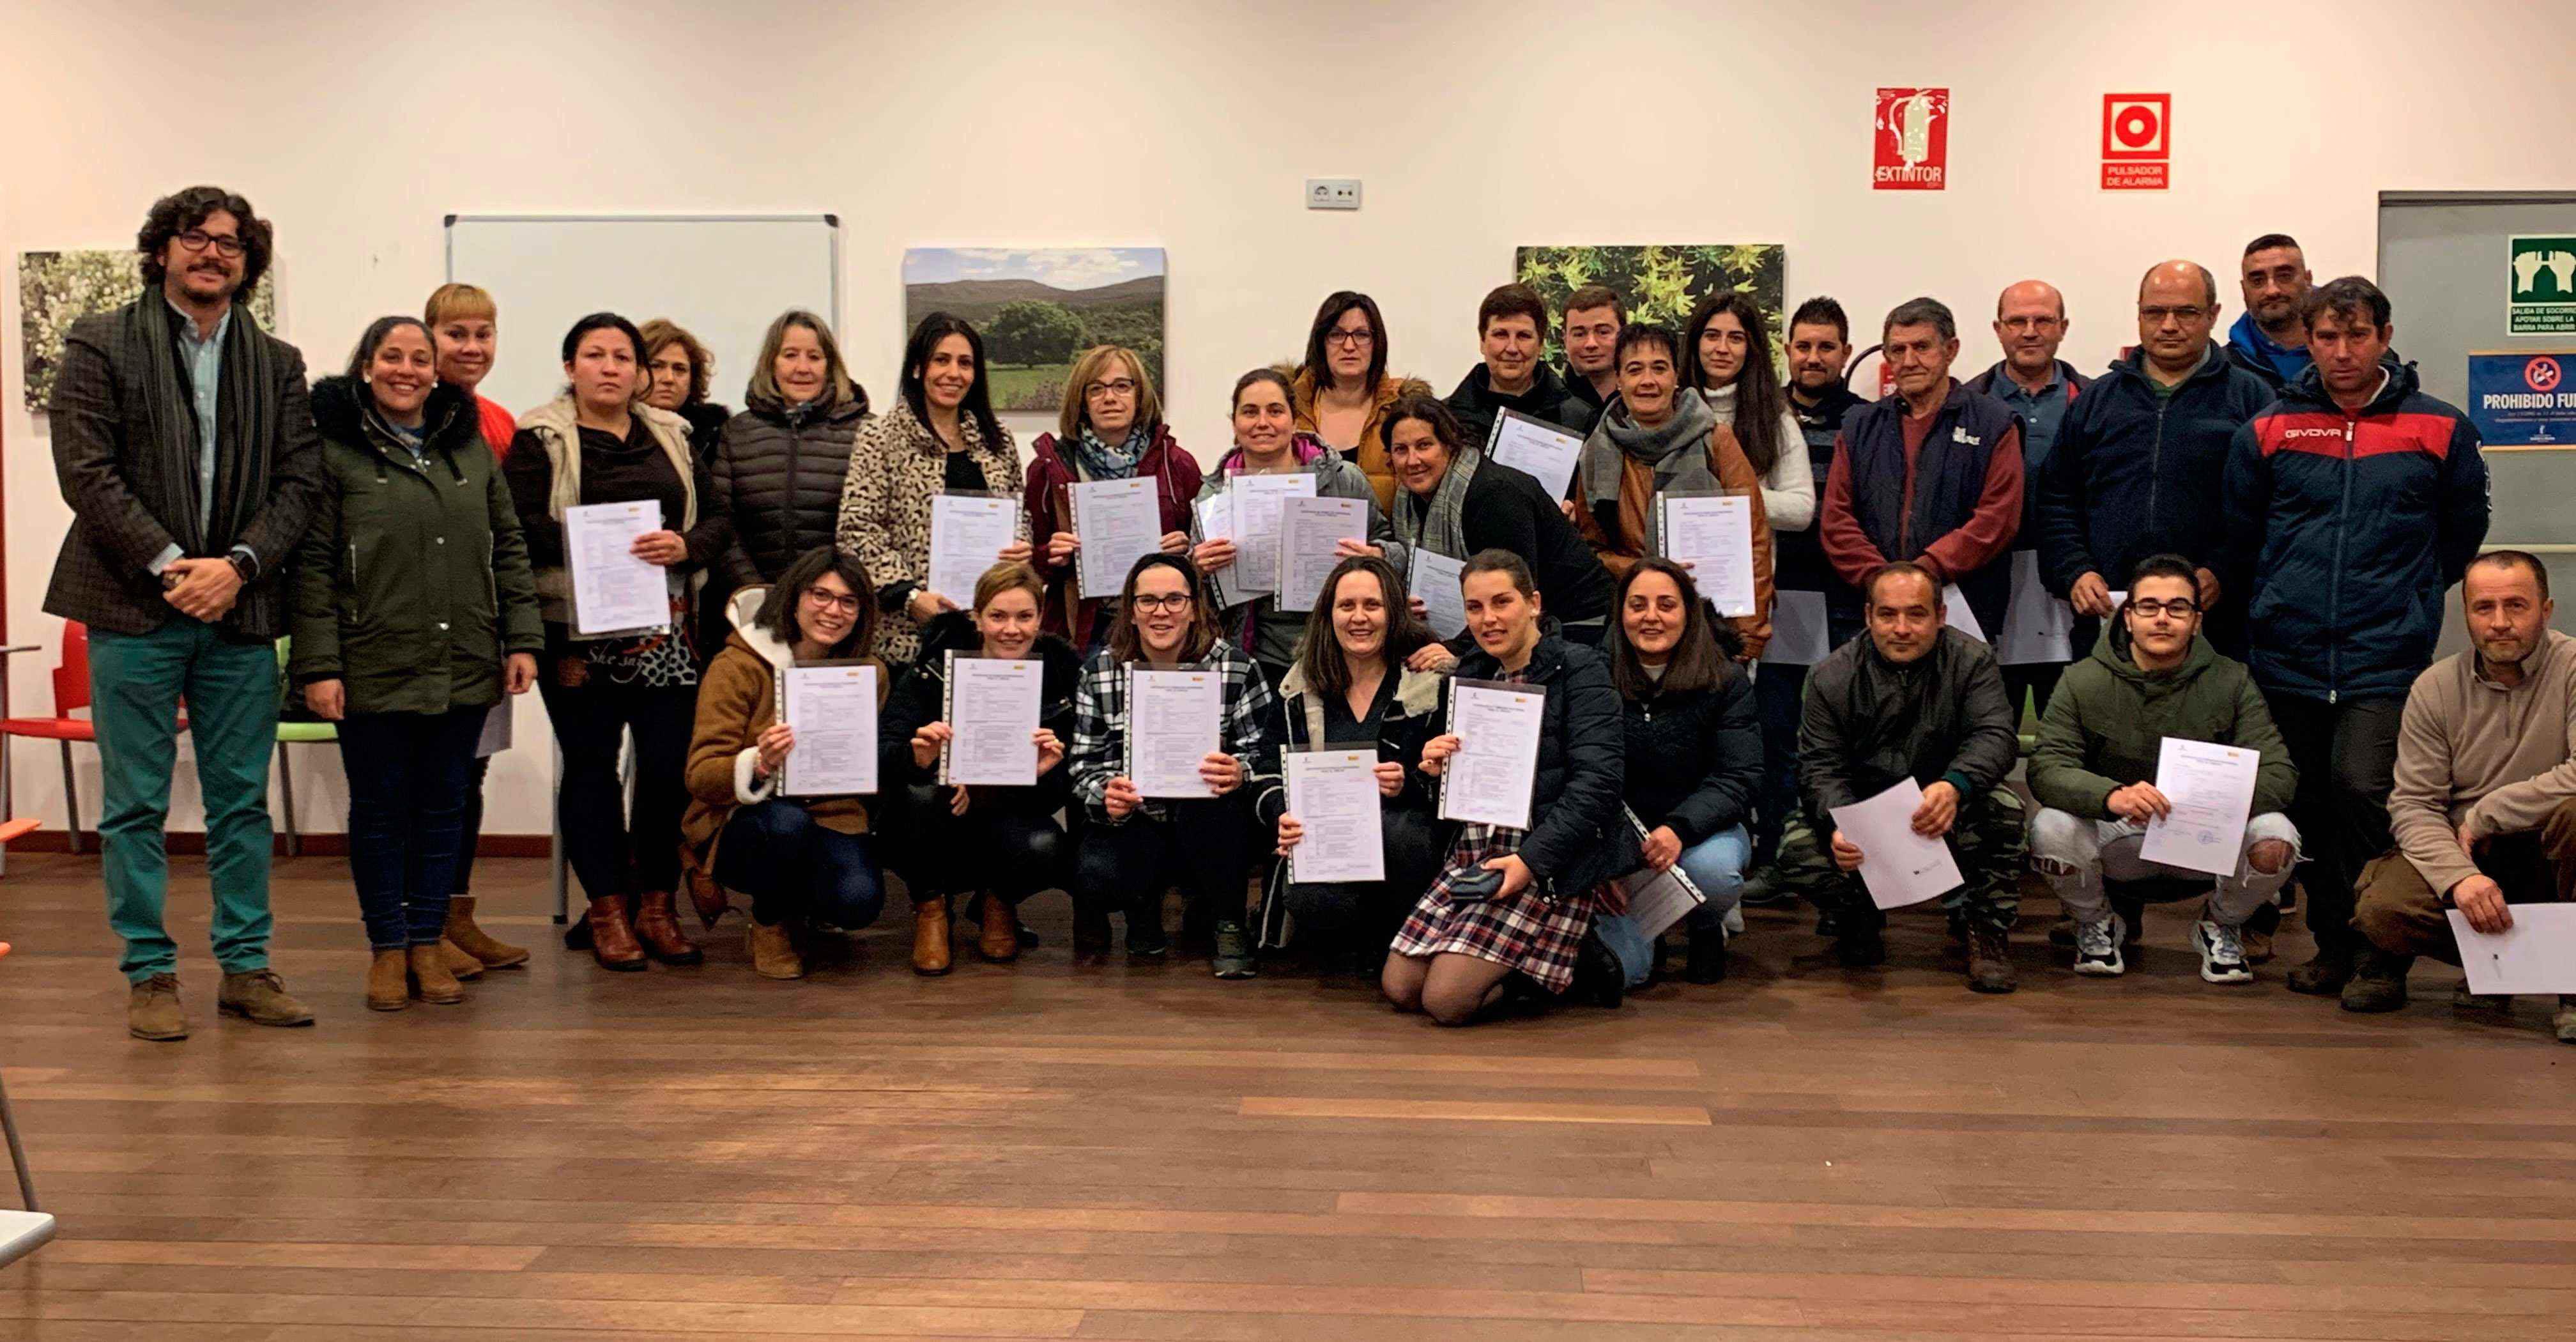 Entregados los certificados correspondientes a las 50 personas que han completado cursos formativos en Porzuna